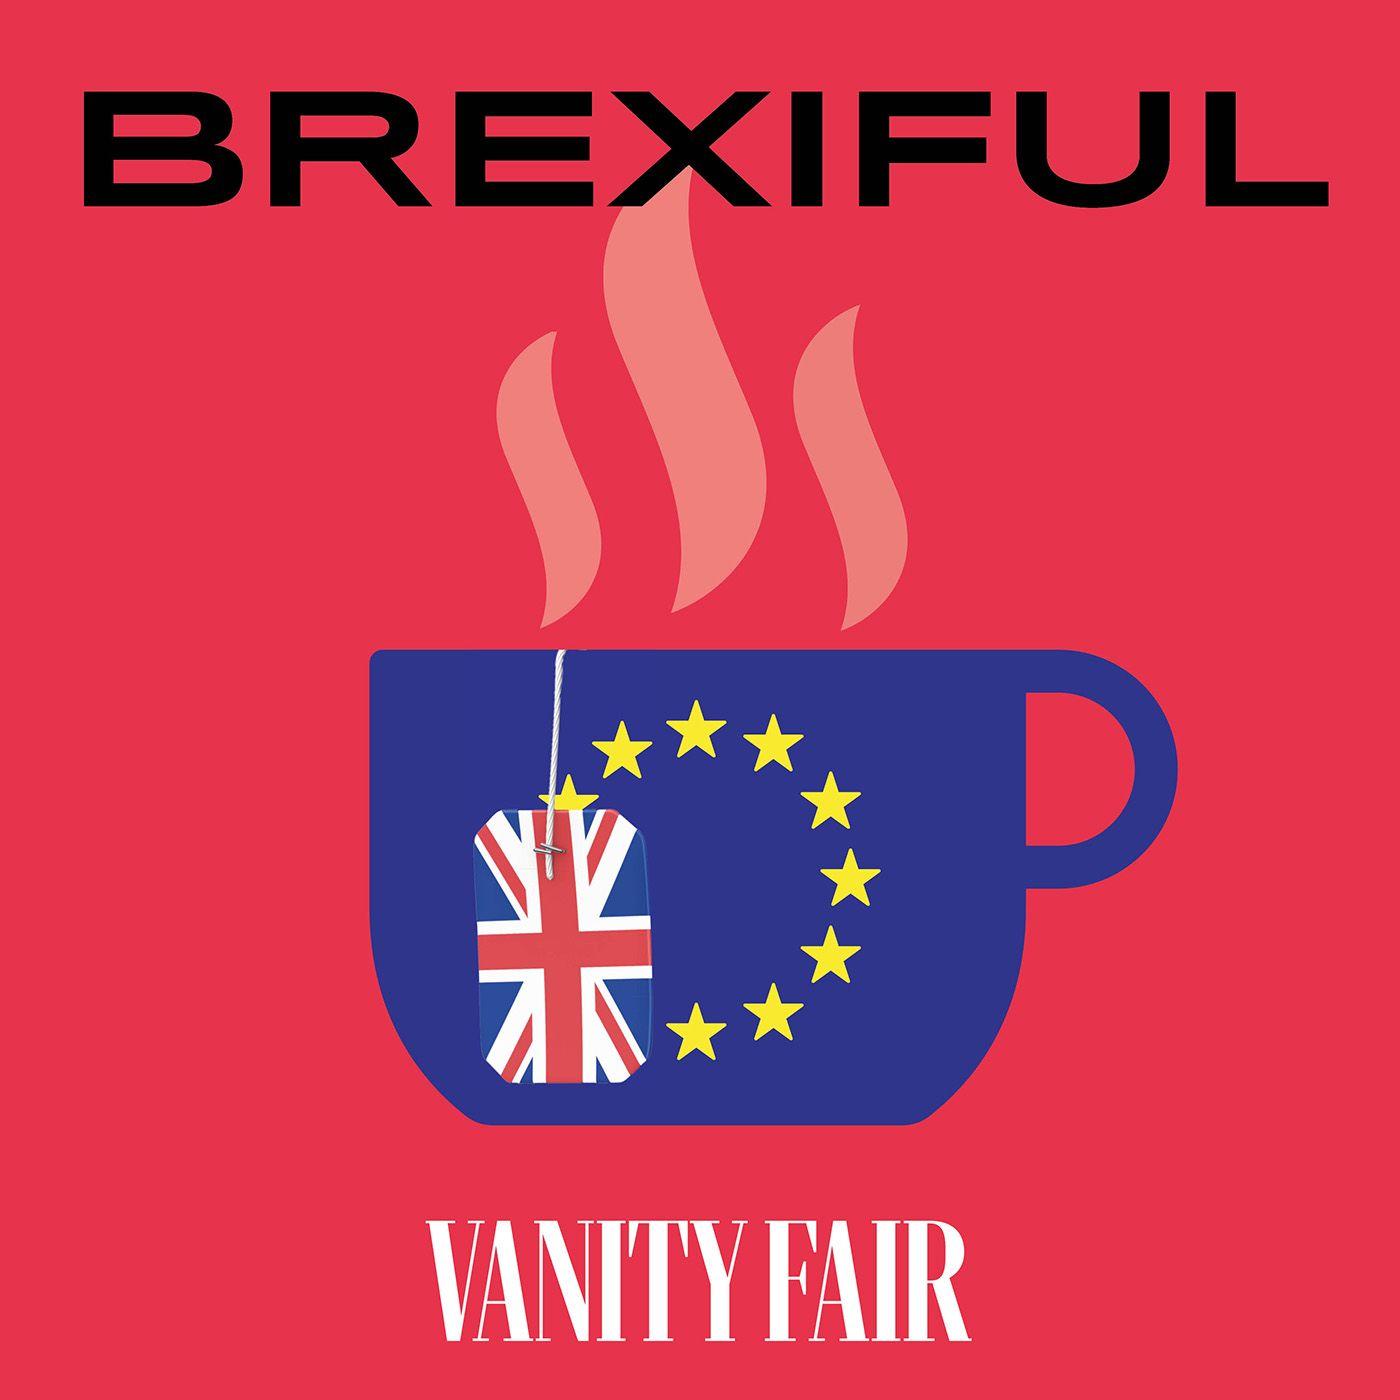 Puntata 3: cosa pensano le star e la Regina di Brexit?